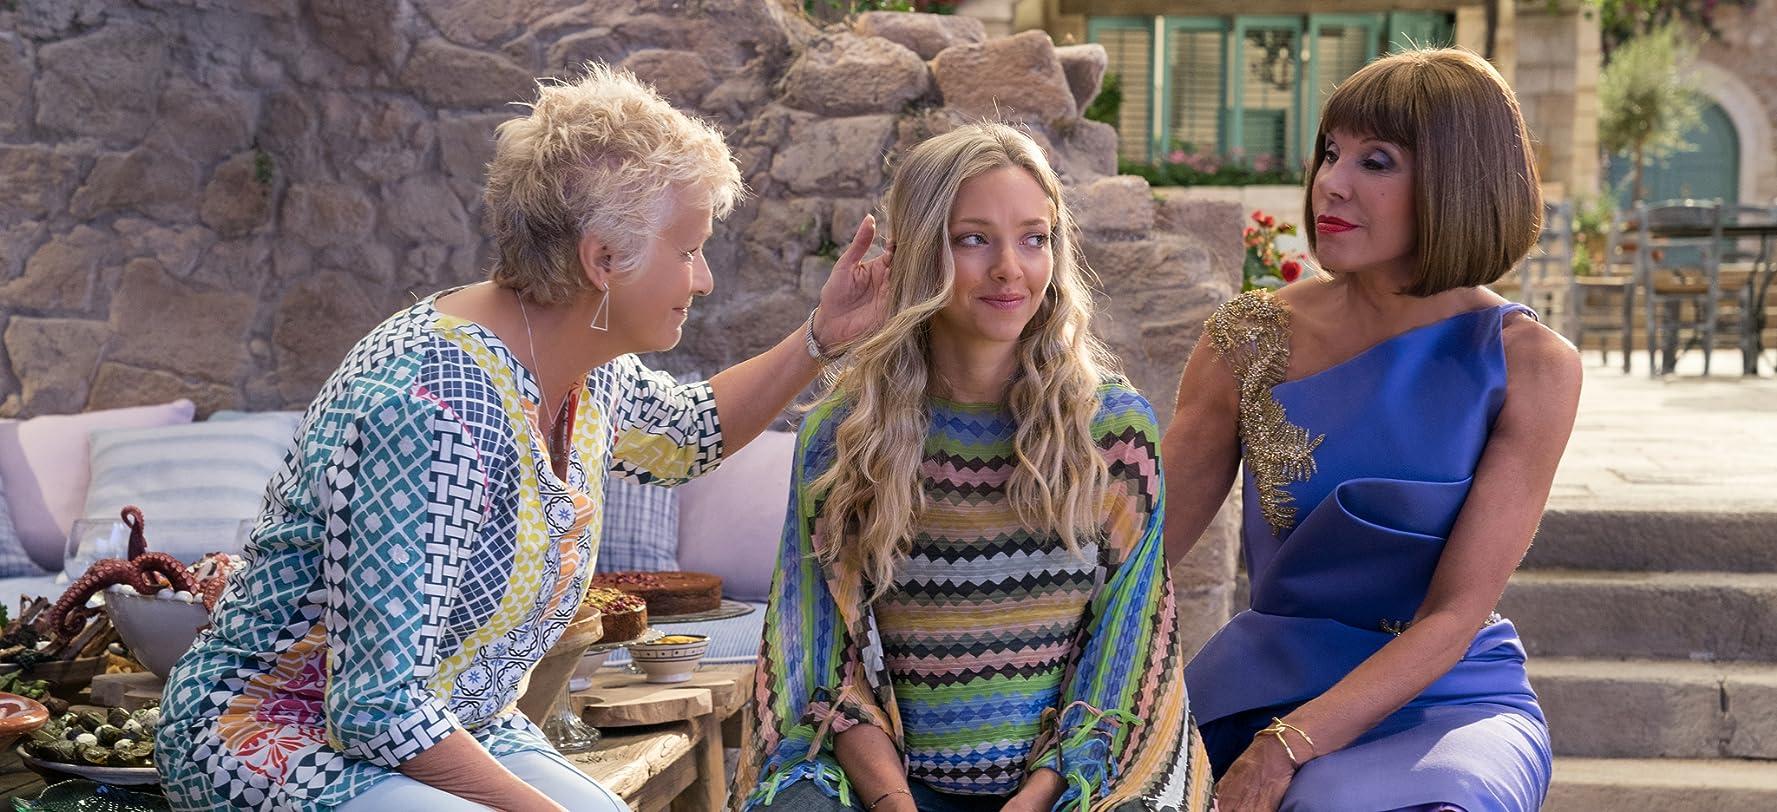 Christine Baranski, Julie Walters, and Amanda Seyfried in Mamma Mia! Here We Go Again (2018)